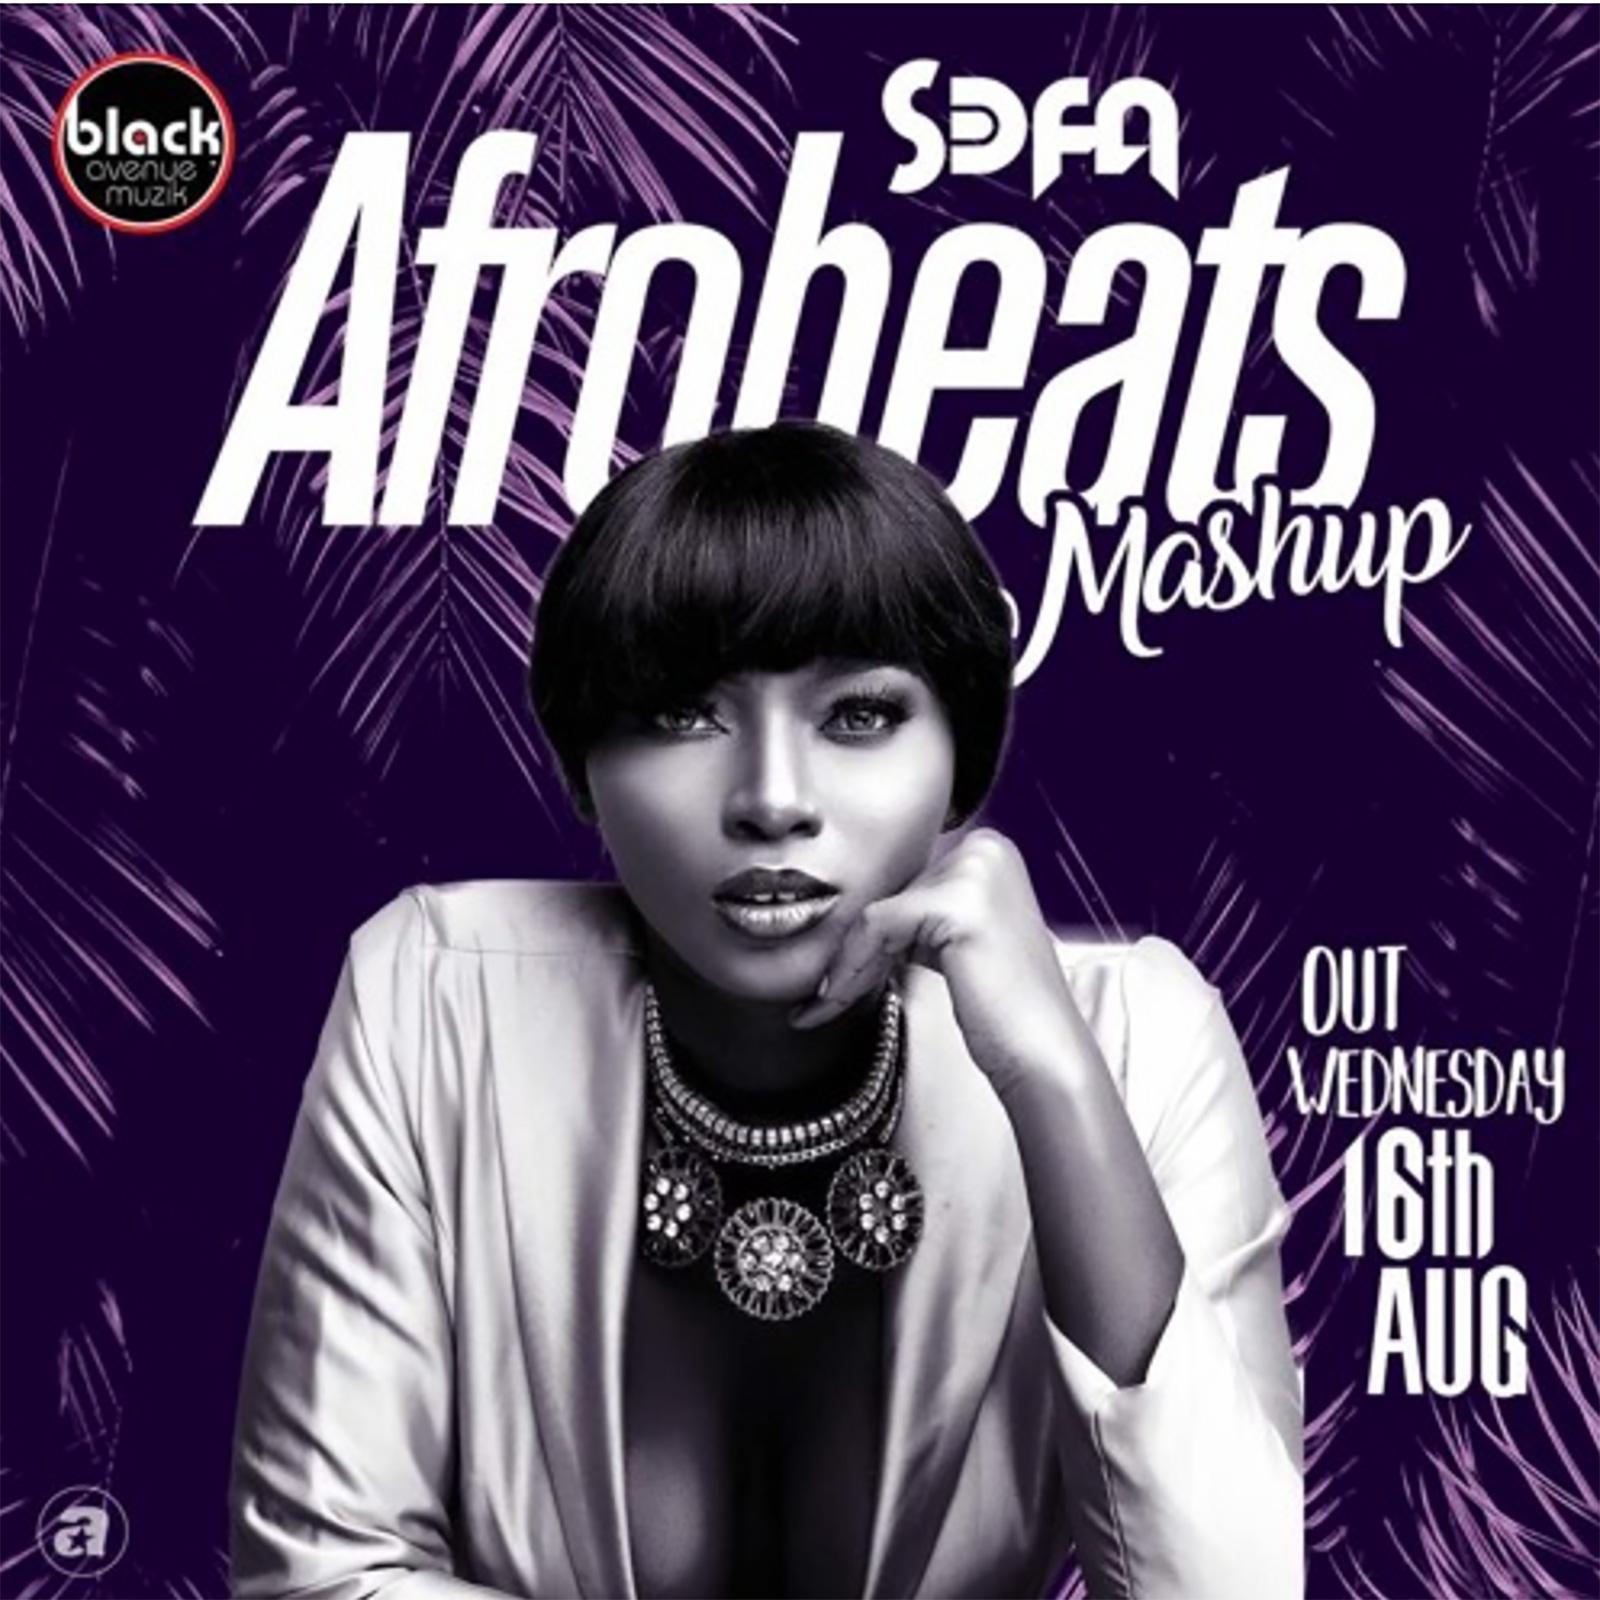 Afrobeats Mashup by Sefa